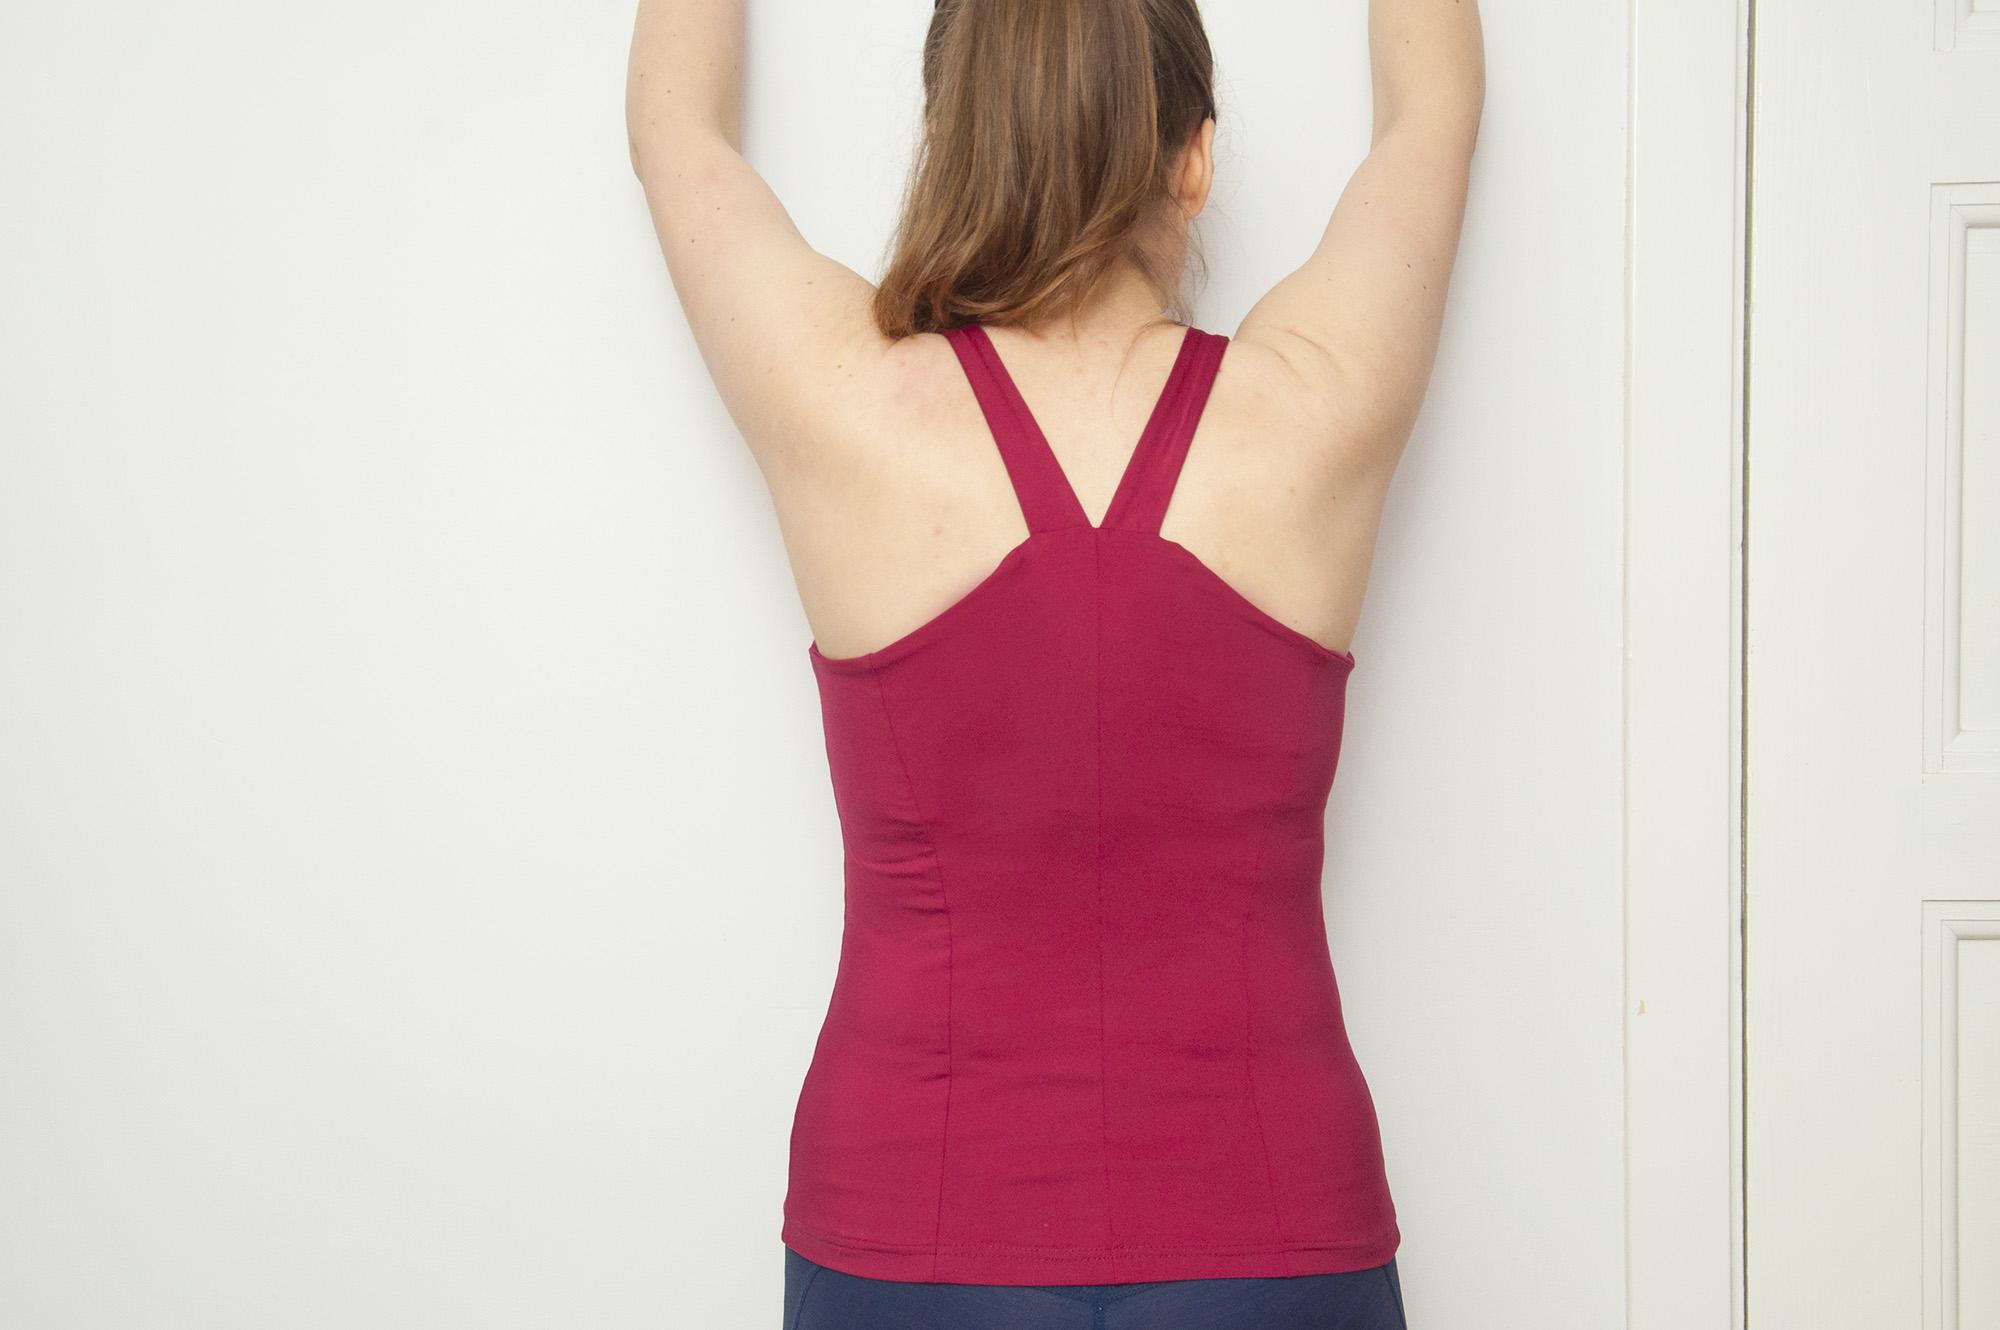 Burdastyle curved neckline workout top